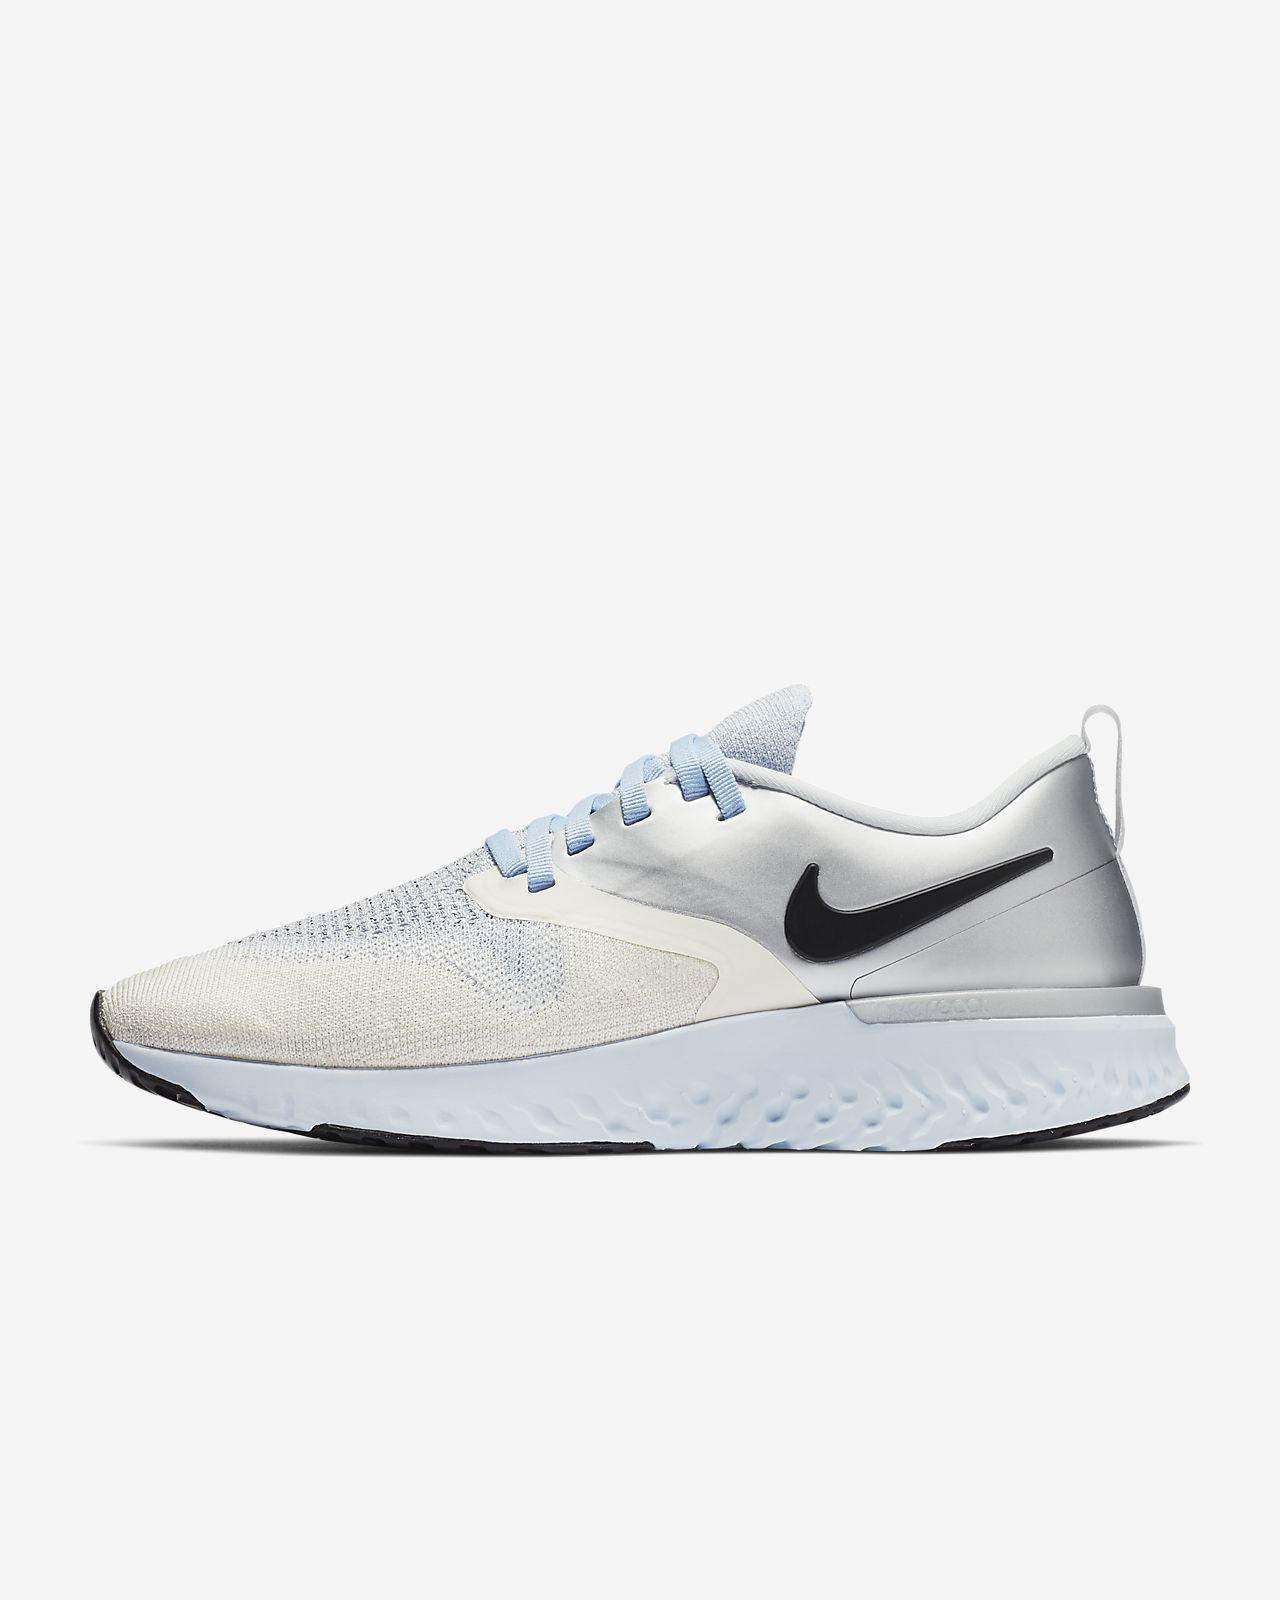 Nike Odyssey React Flyknit 2 Premium Kadın Koşu Ayakkabısı